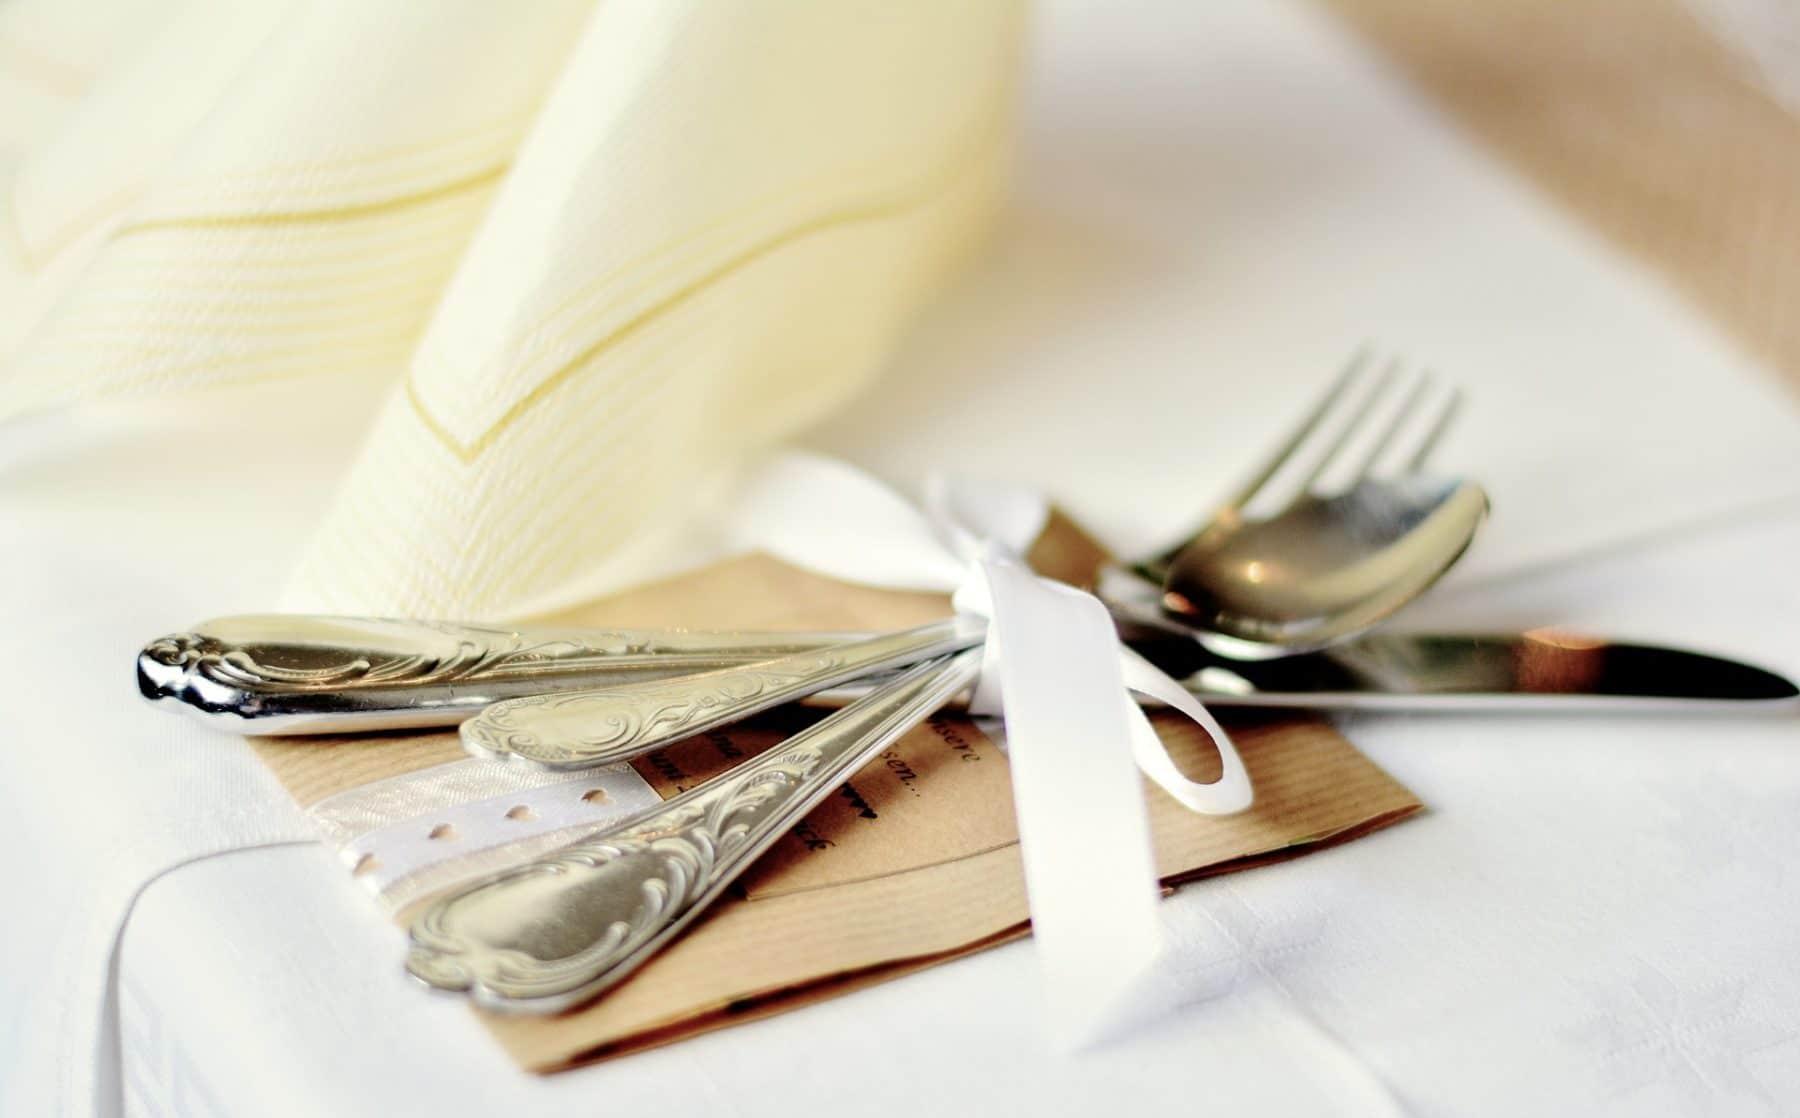 Besteck auf Tisch